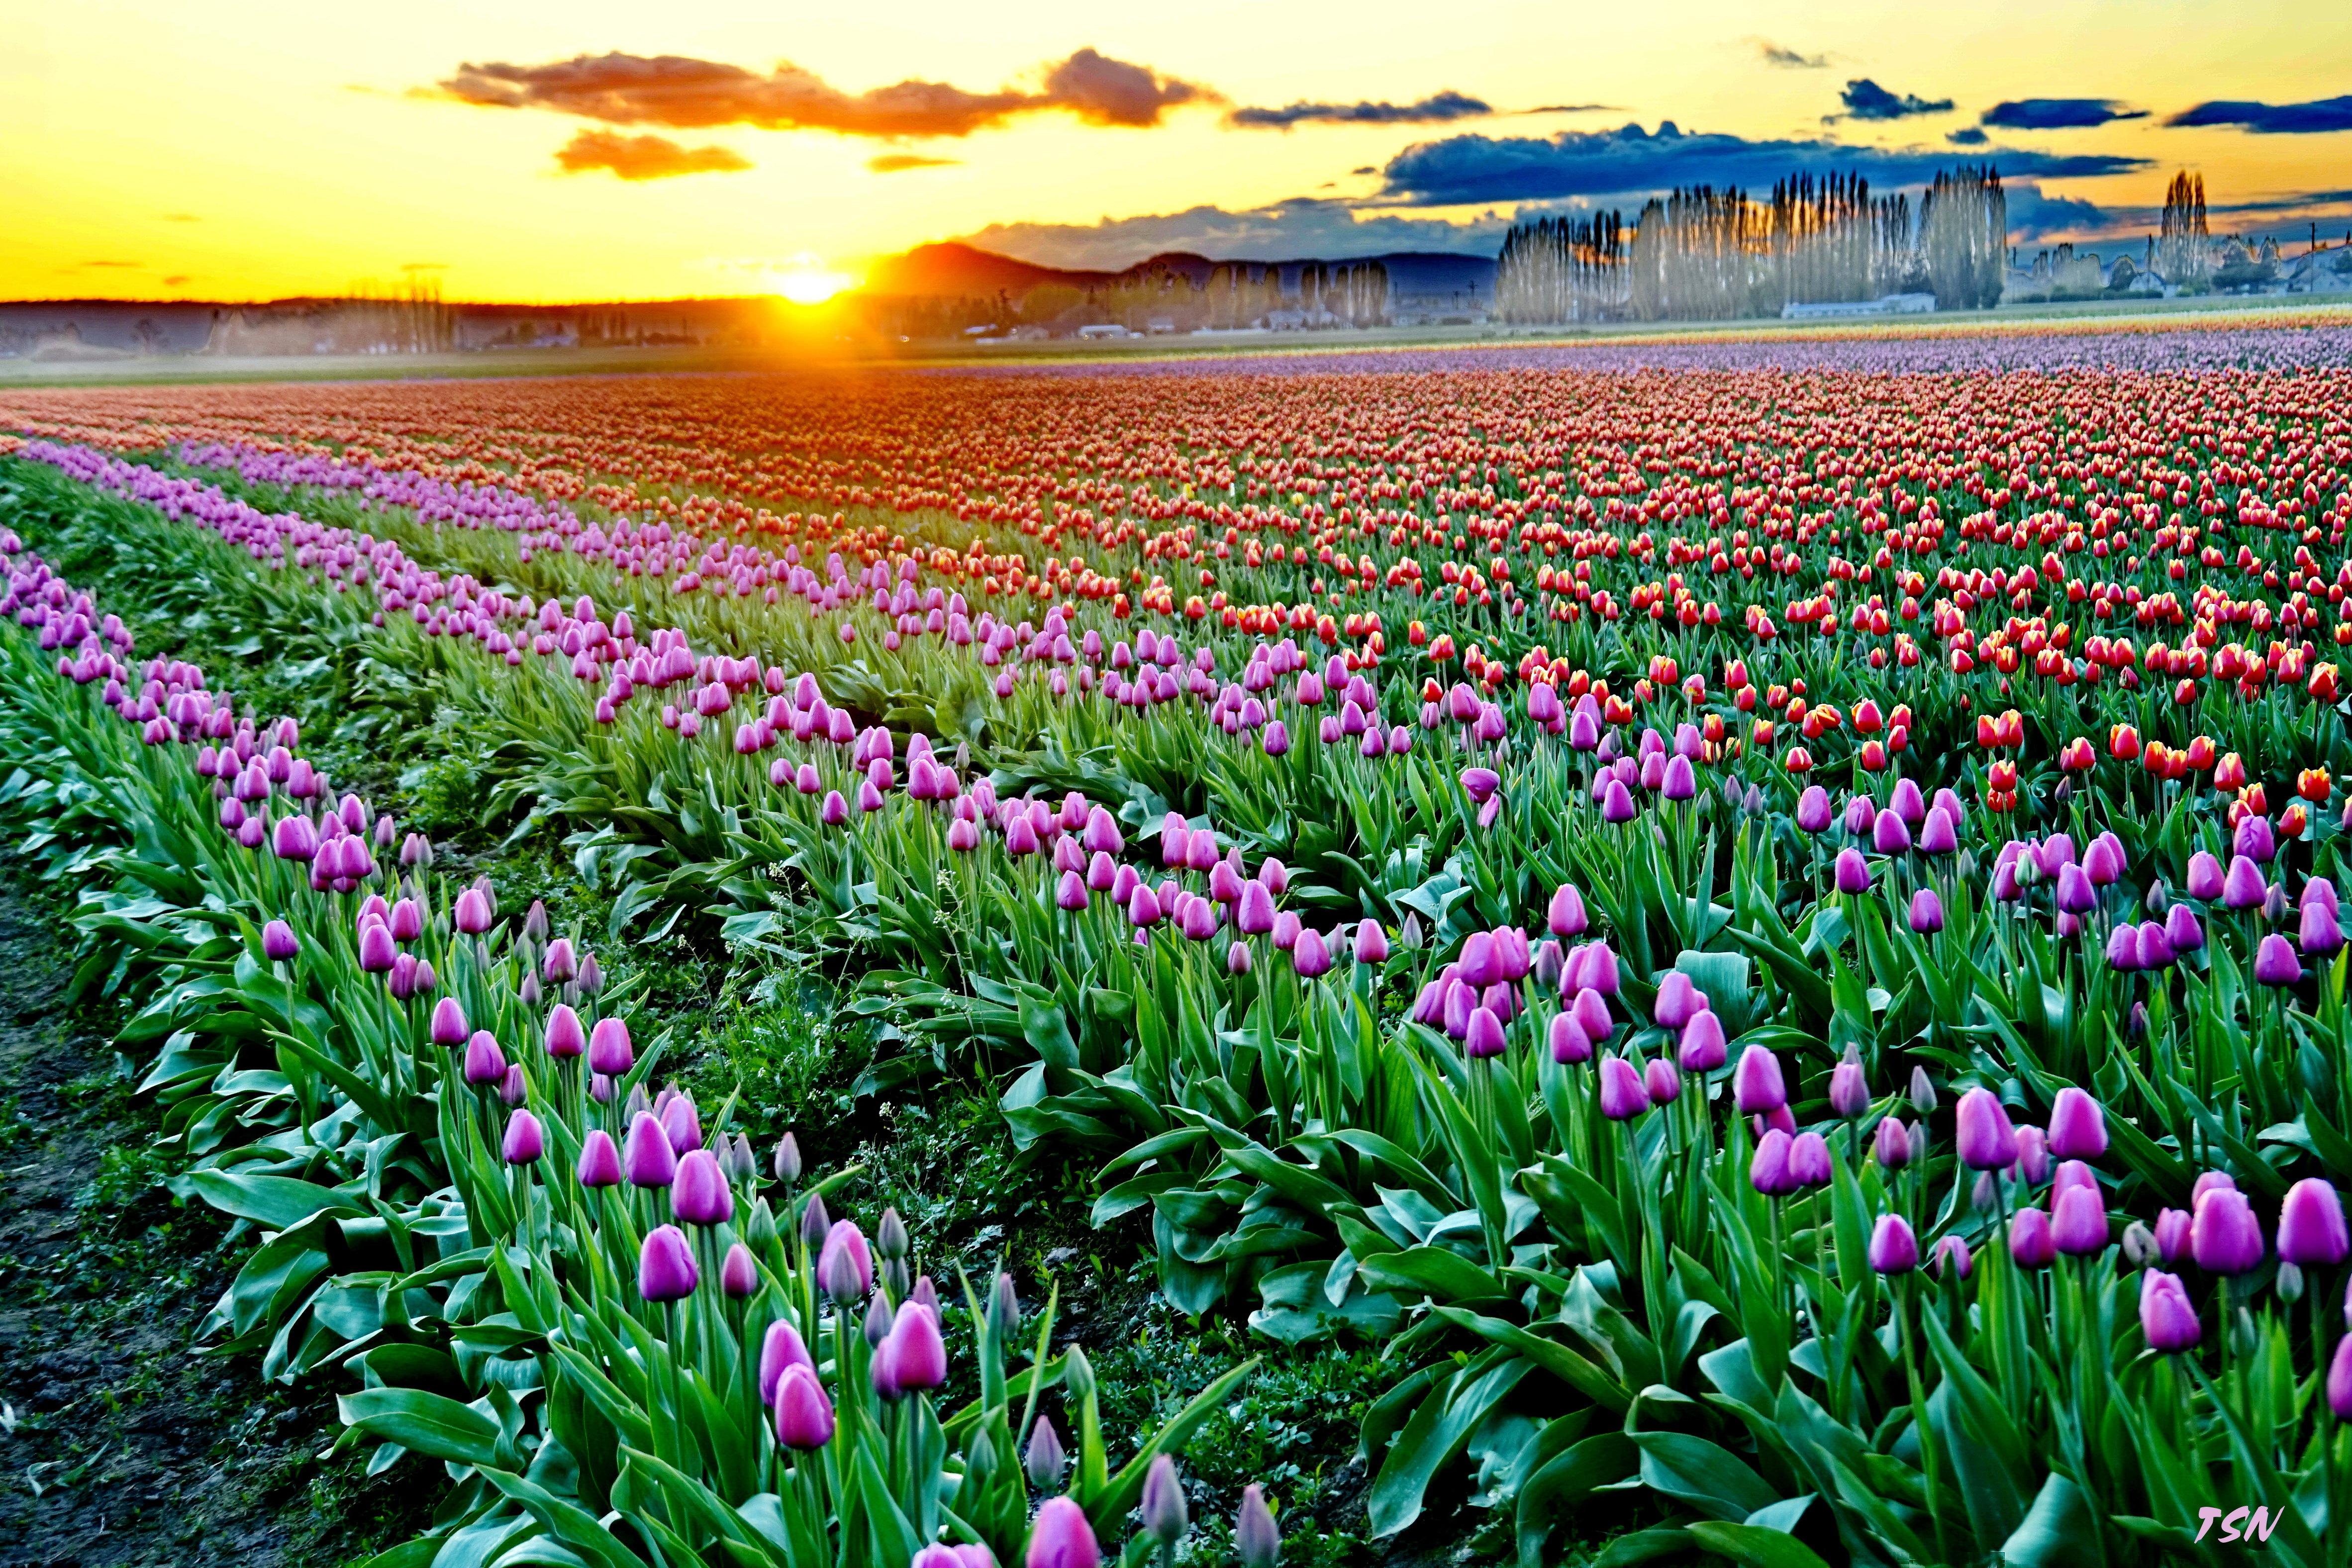 тюльпаны поле закат бесплатно